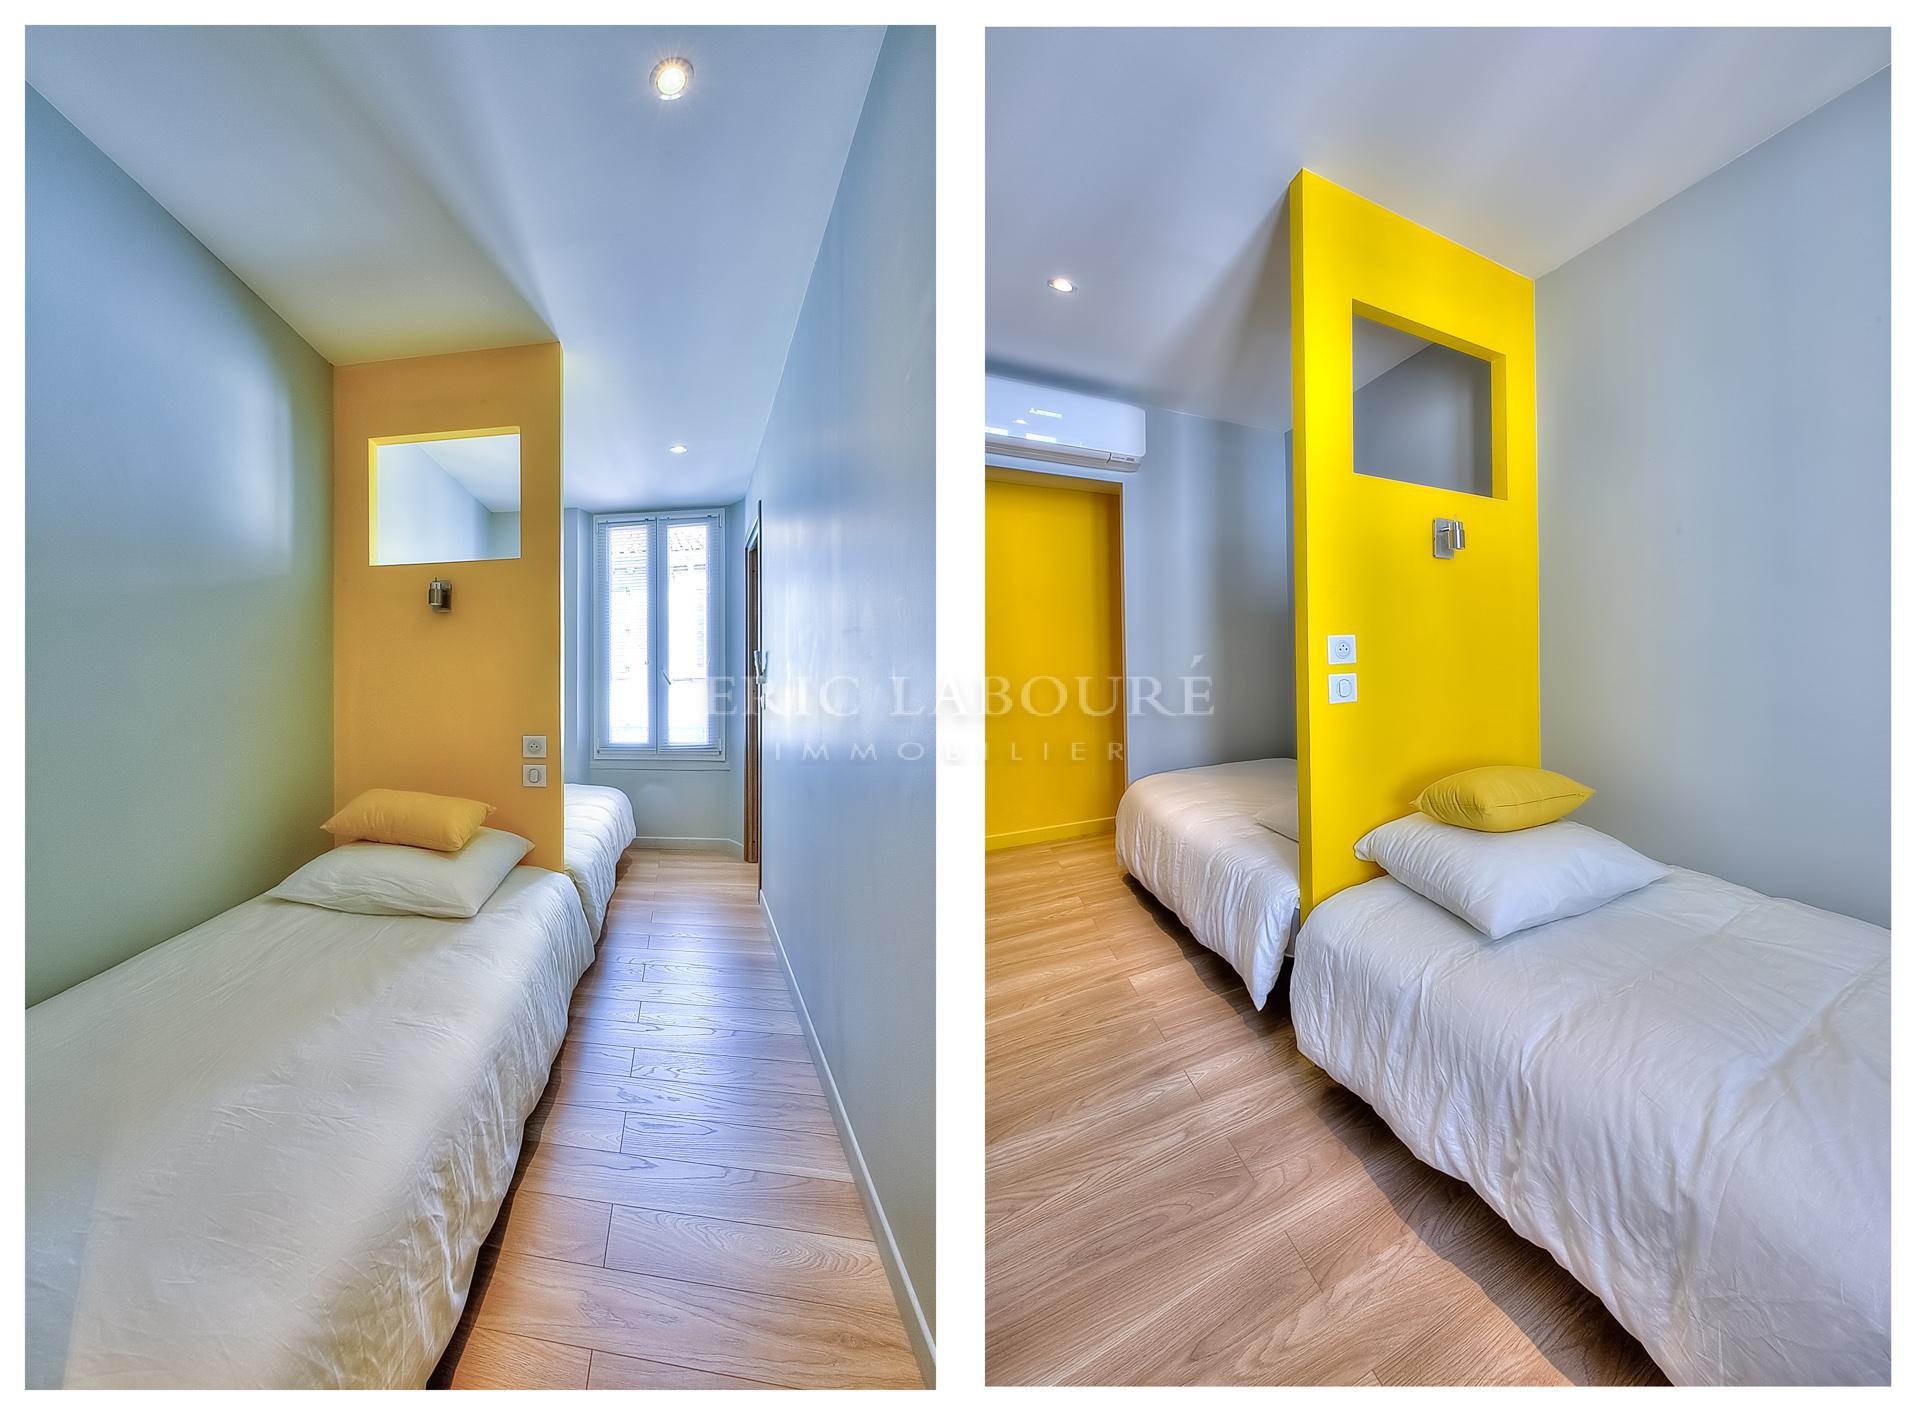 Appartement 3 pièces - 3 minutes à pied du Palais des Festivals et la Croisette - location saisonnière